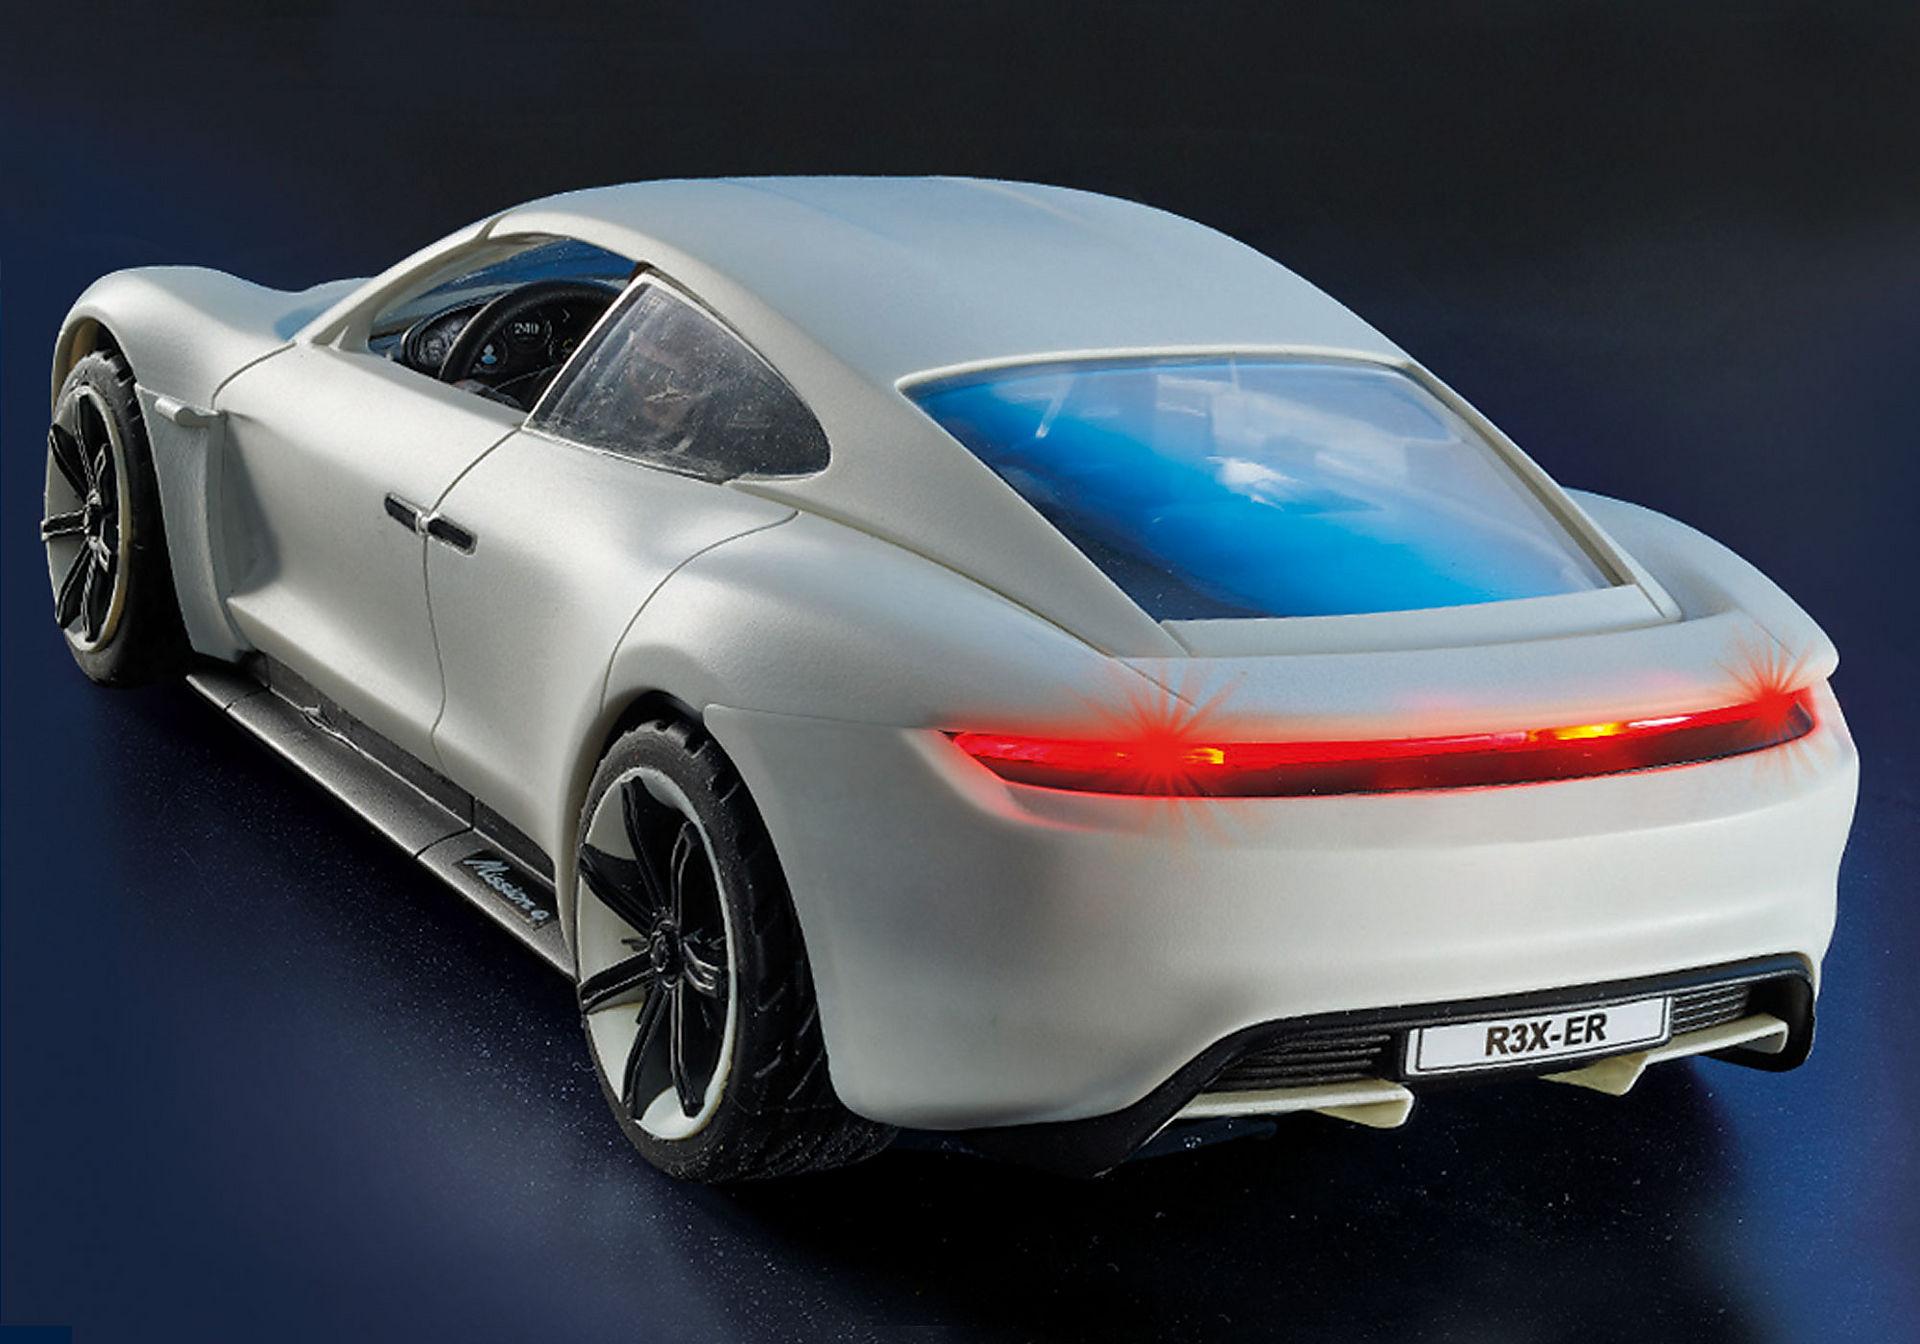 http://media.playmobil.com/i/playmobil/70078_product_extra3/PLAYMOBIL: THE MOVIE Porsche Missão E e Rex Dasher